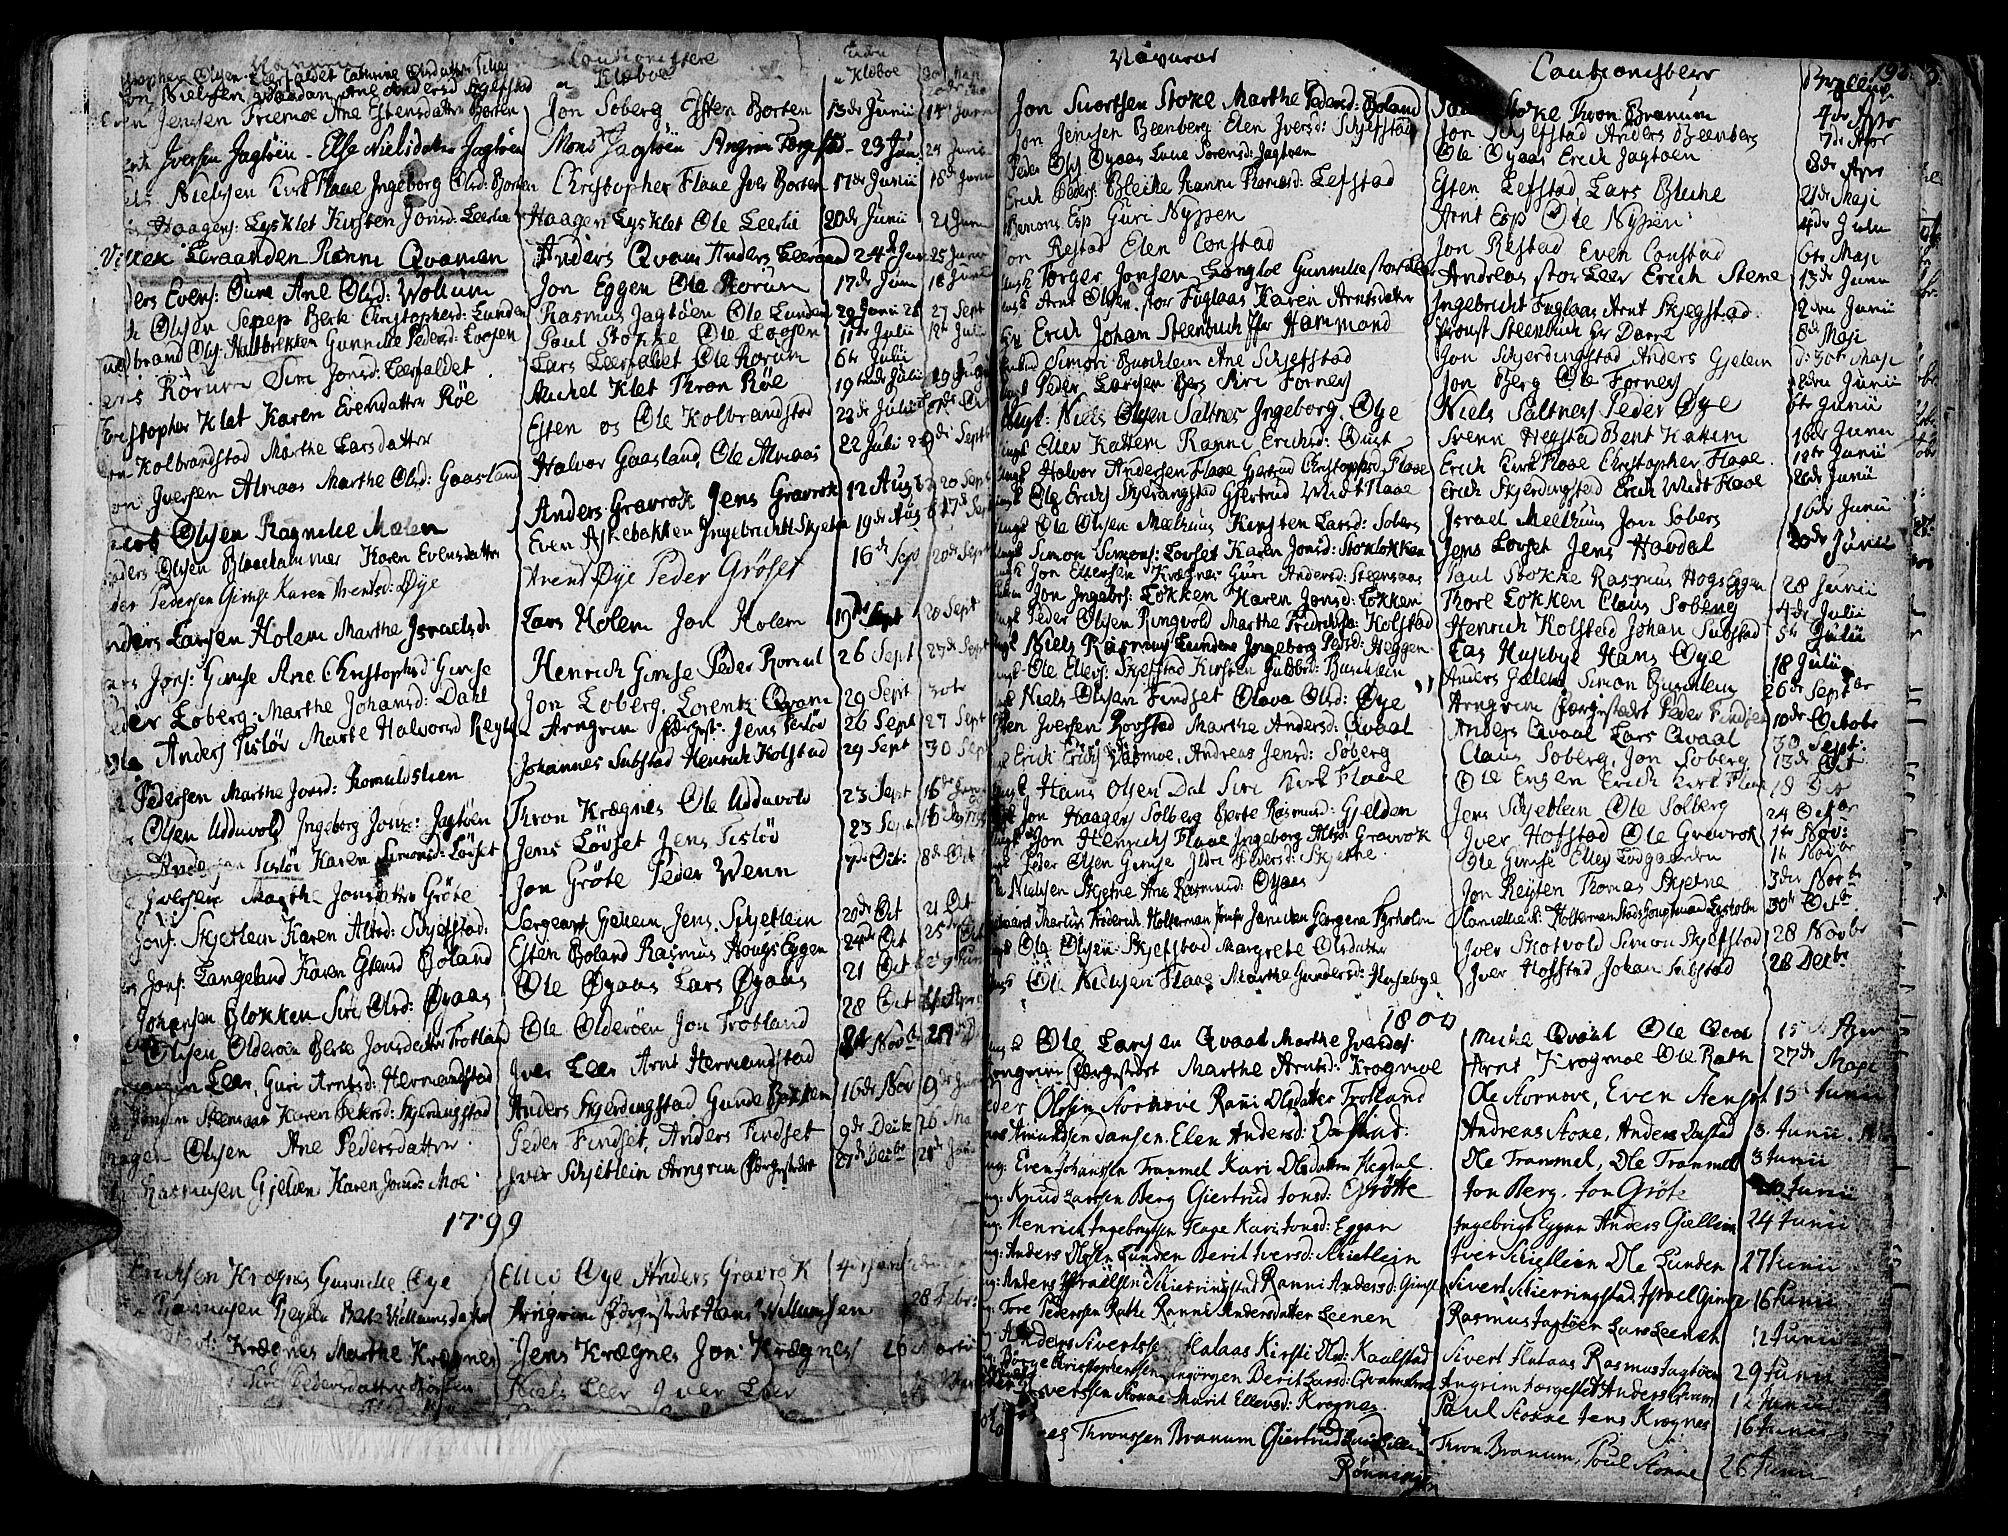 SAT, Ministerialprotokoller, klokkerbøker og fødselsregistre - Sør-Trøndelag, 691/L1061: Ministerialbok nr. 691A02 /1, 1768-1815, s. 192